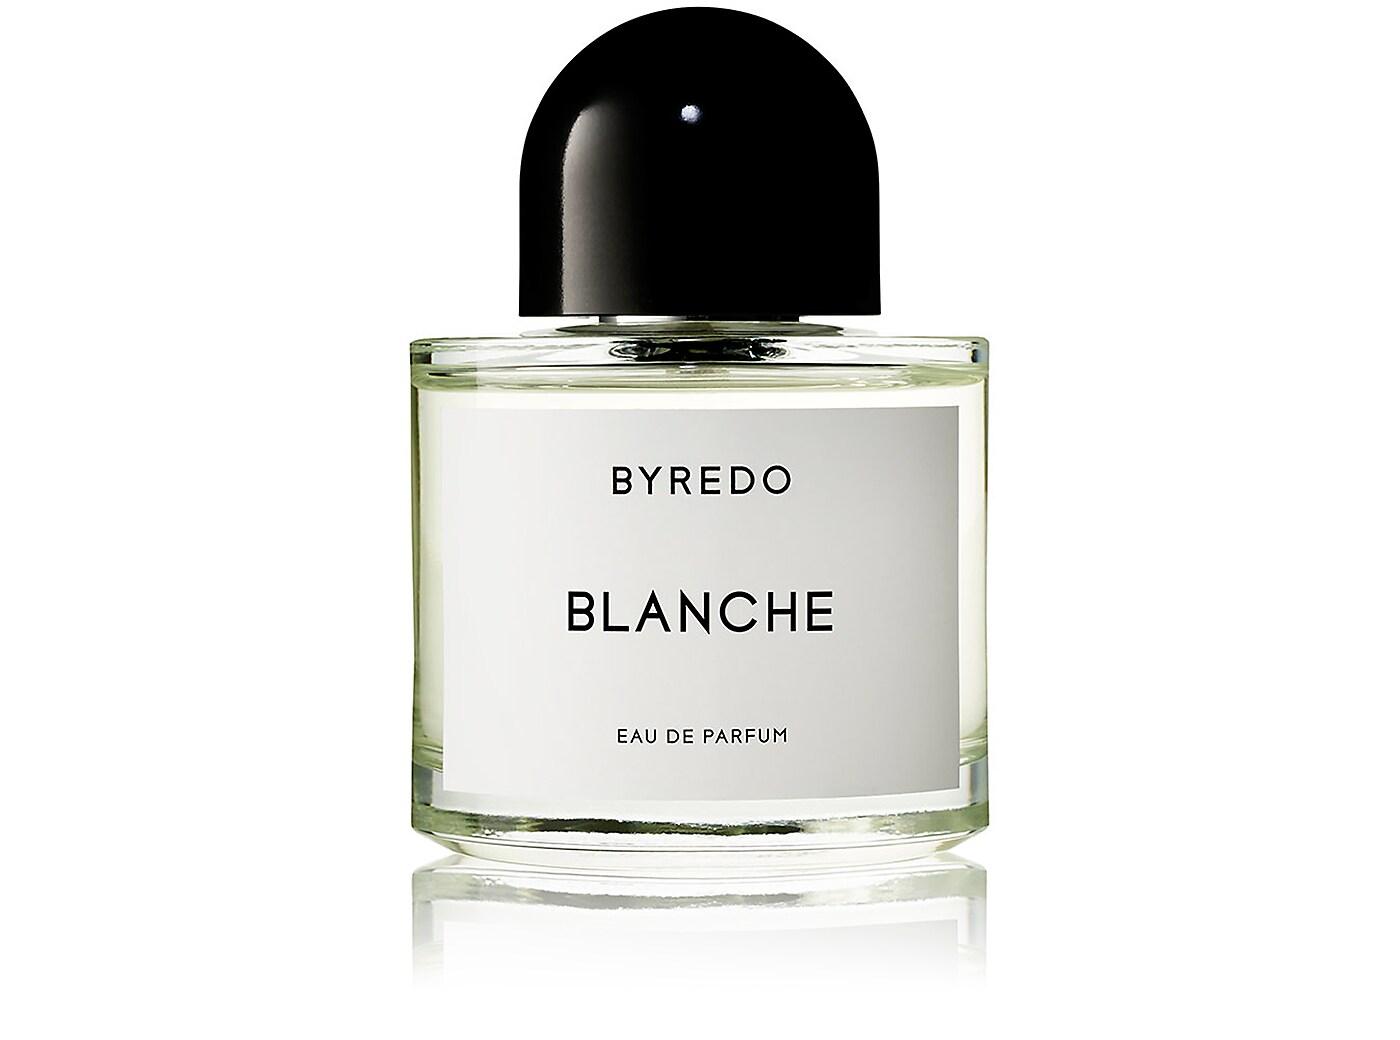 - BYREDO, Blanche Eau De Parfum, here